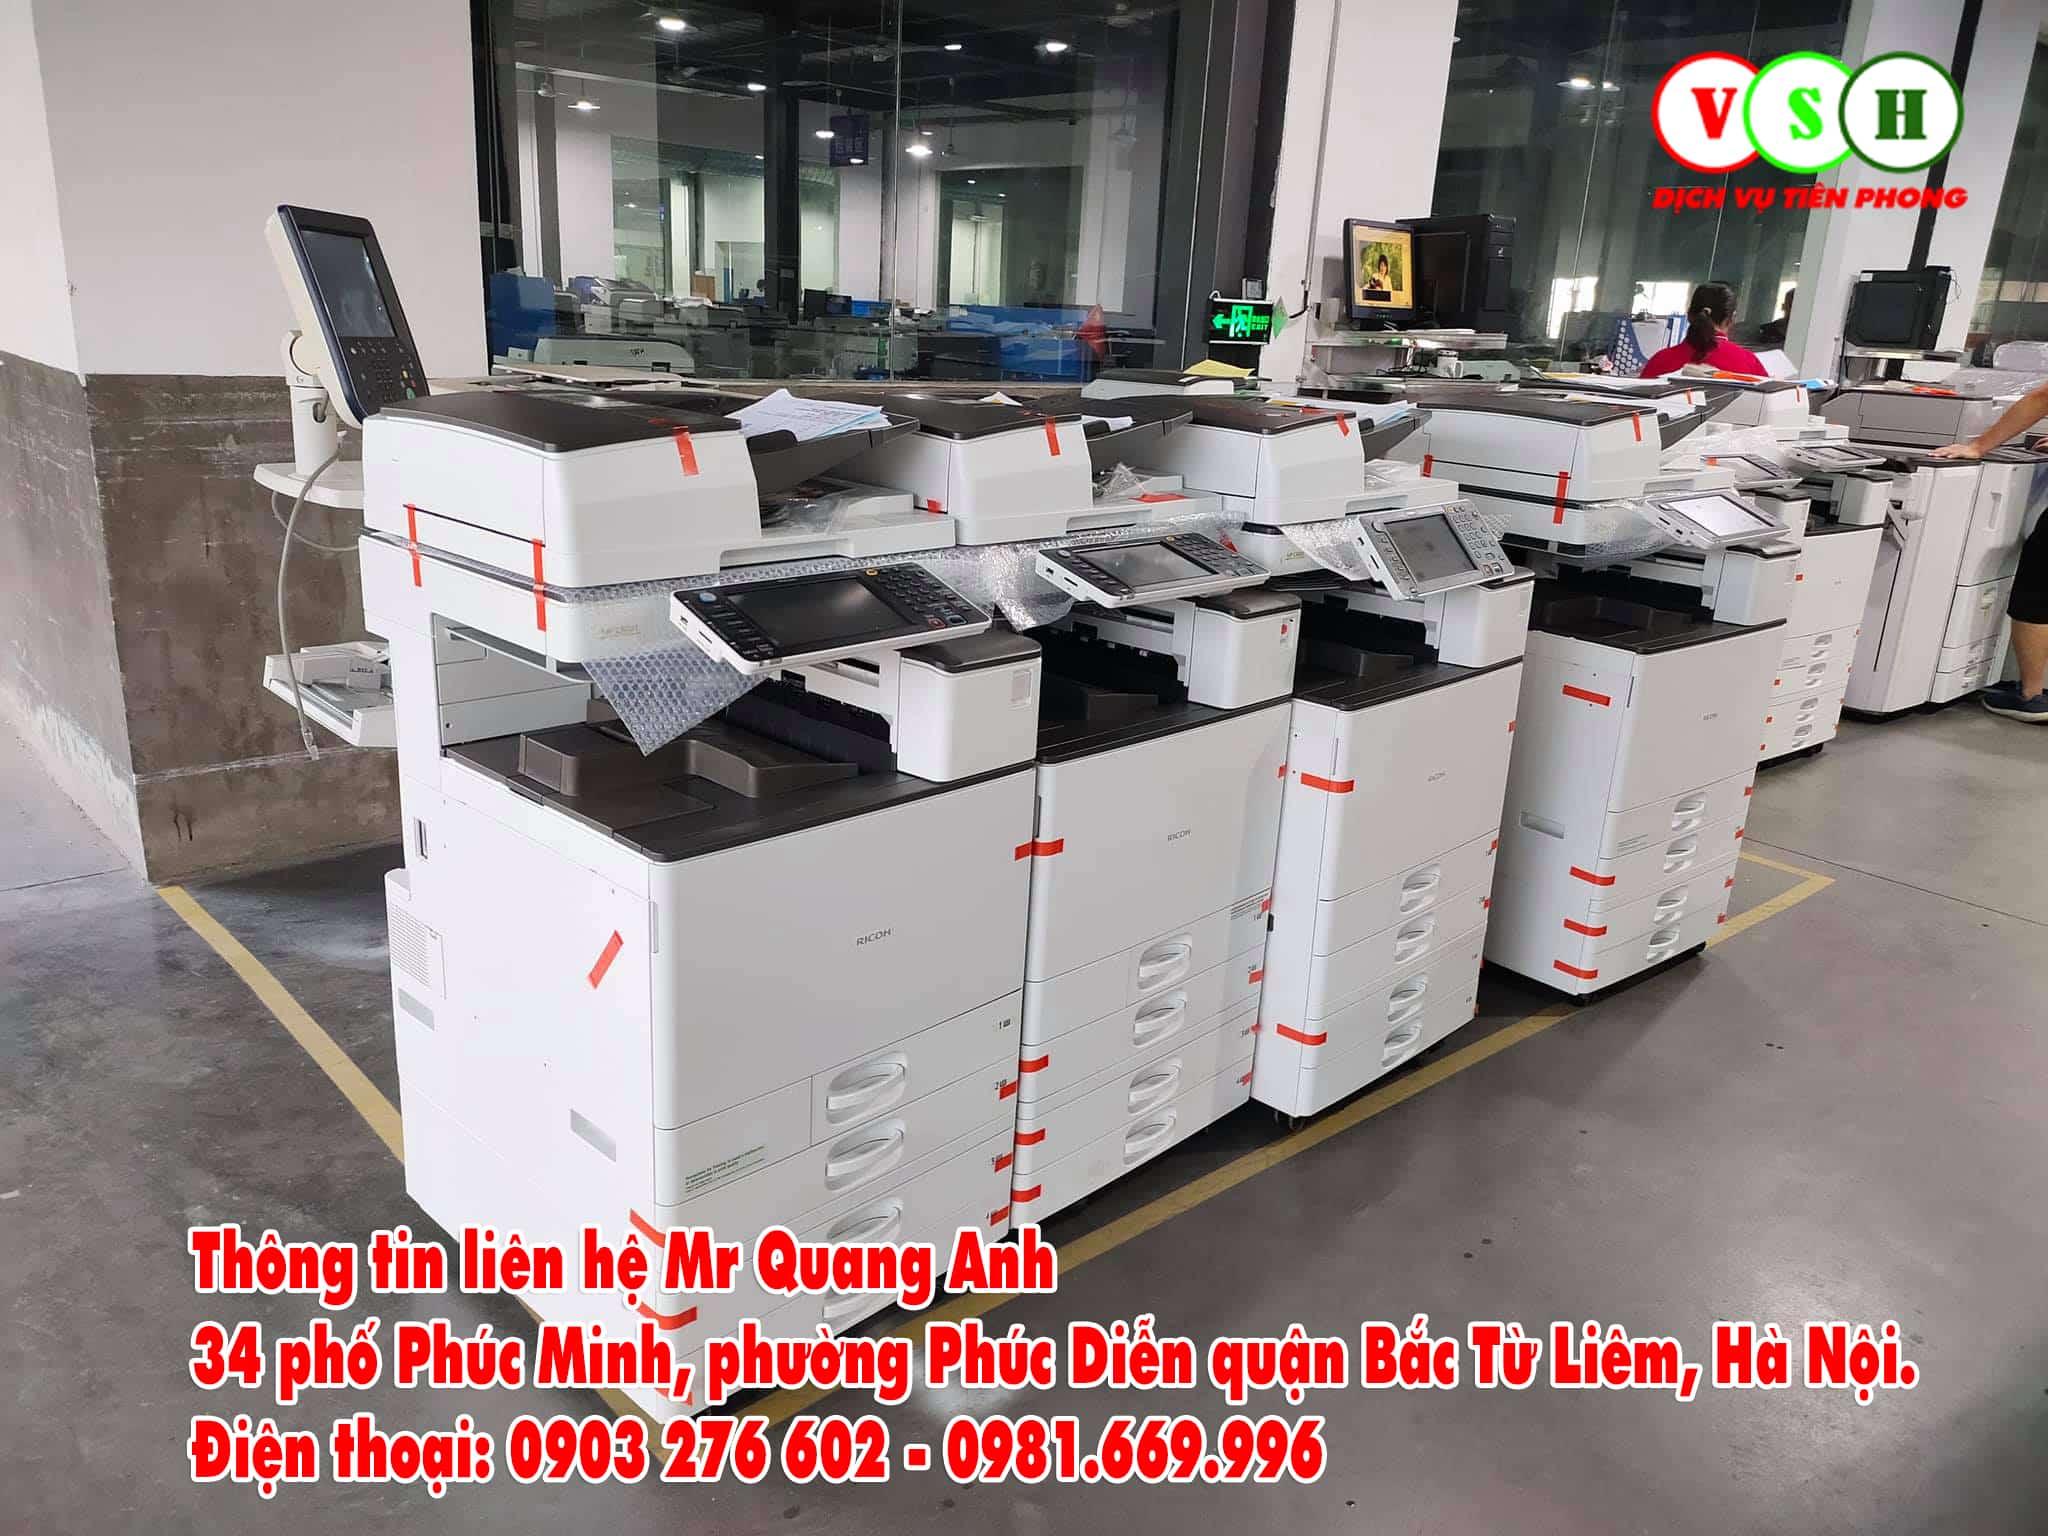 Cho thuê máy photocopy tại Quận Bắc Từ Liêm